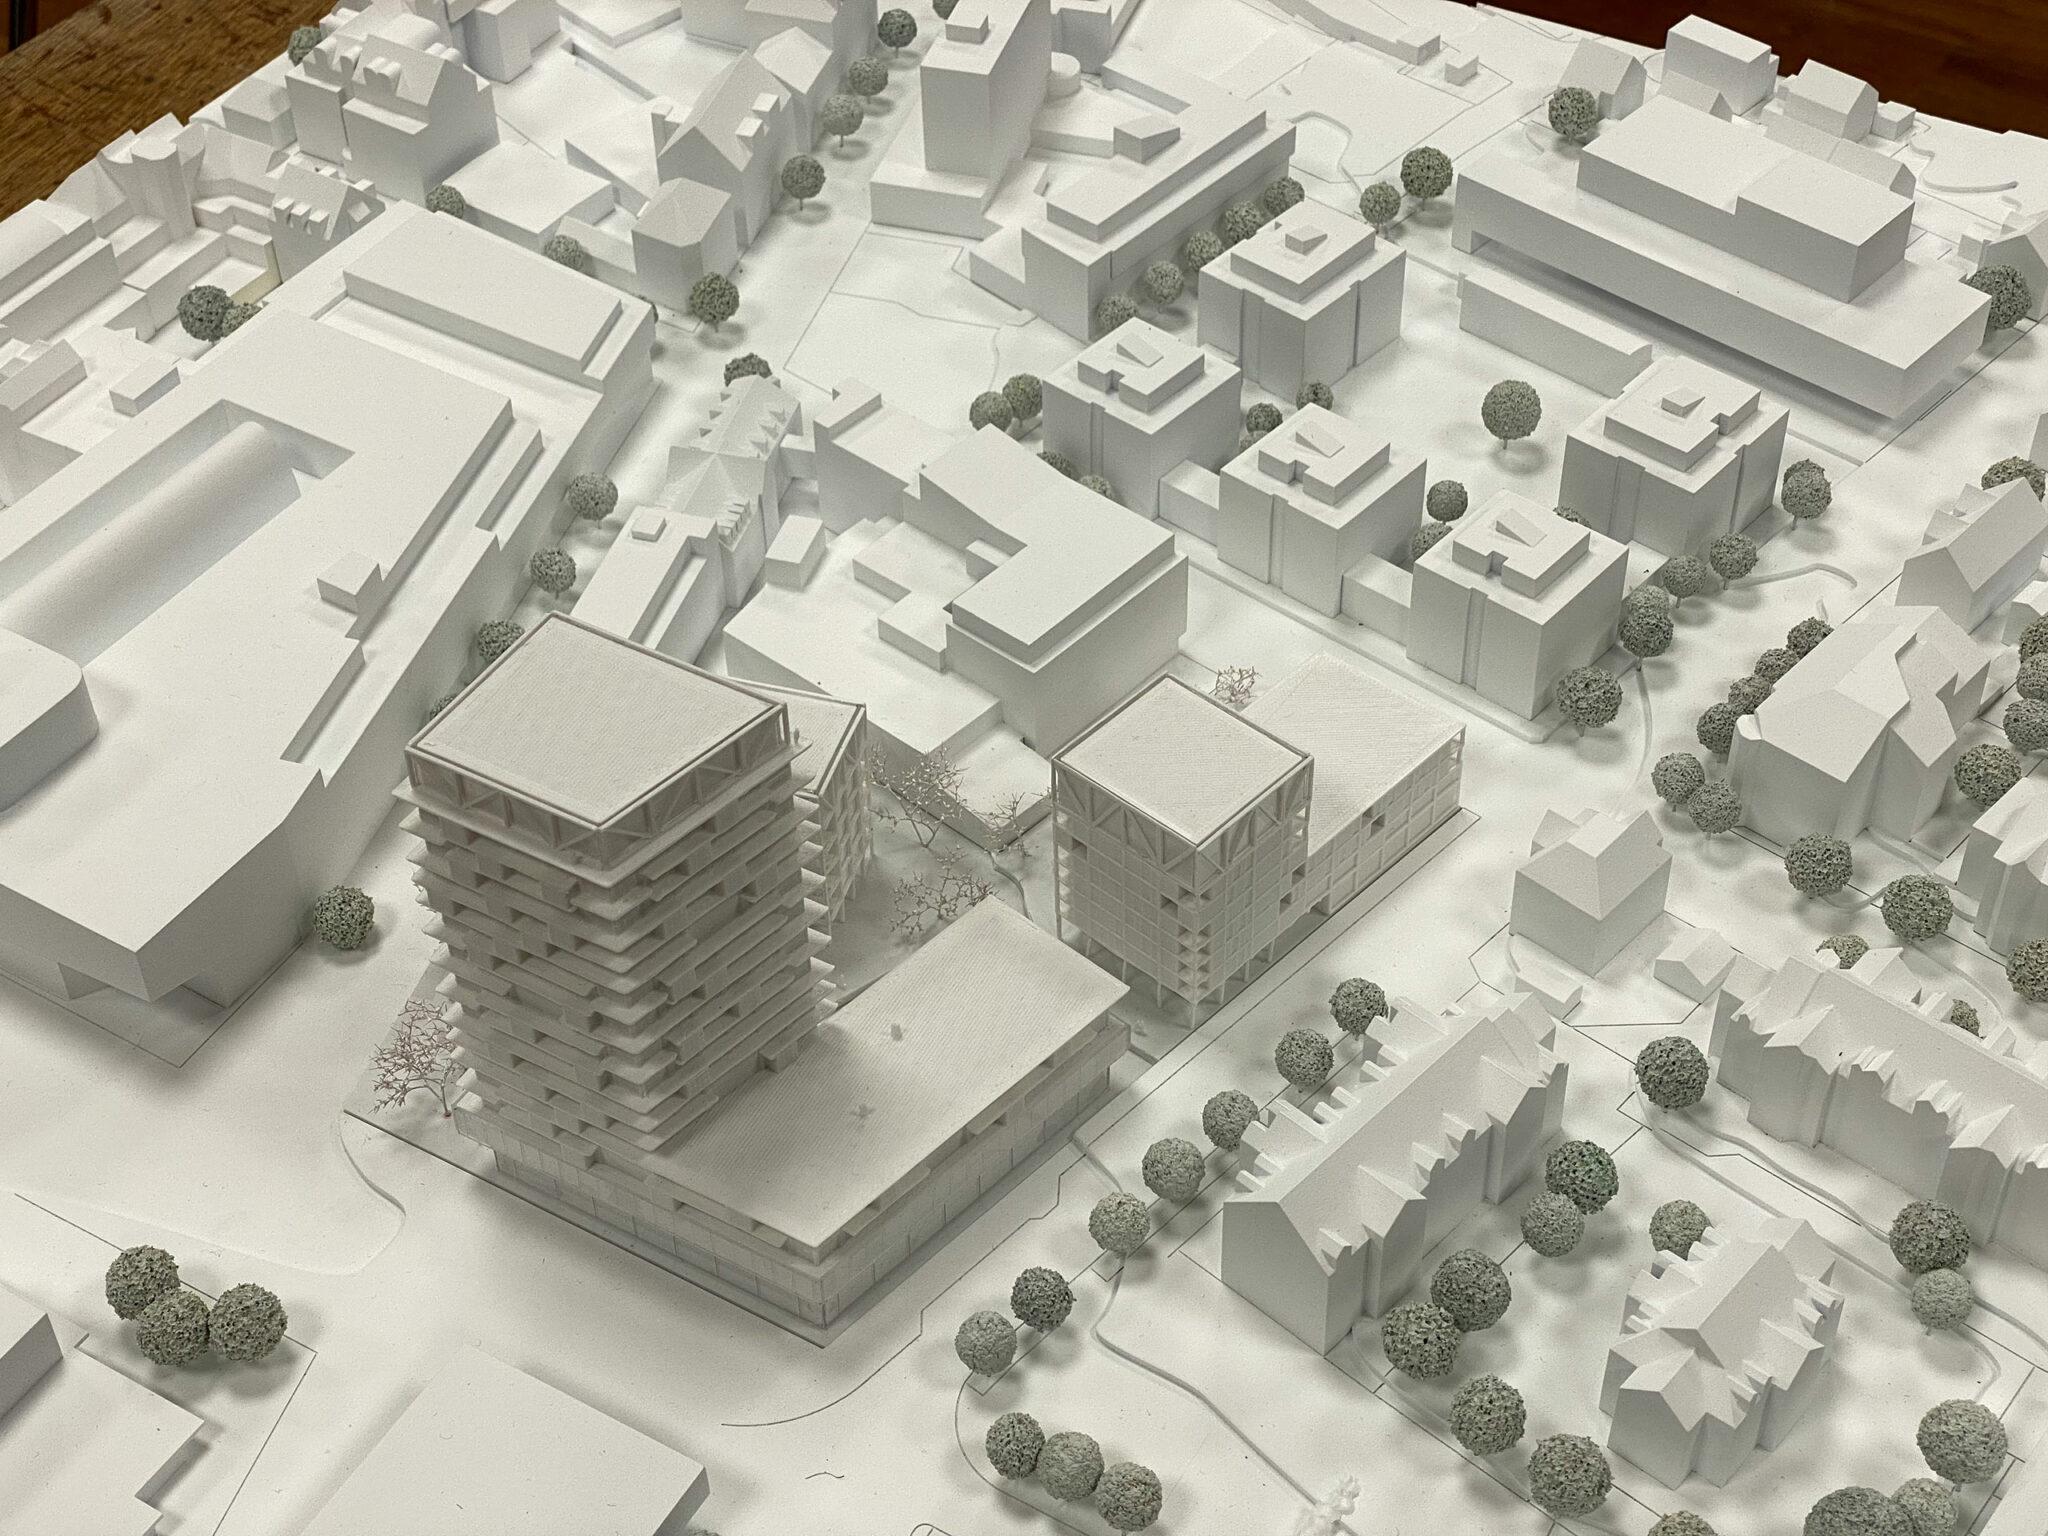 Postareal Böblingen: Model for the winning design by Gutiérrez - De la Fuente Arquitectos und UTA Architekten und Stadtplaner (Credits: IBA'27 / Schiller)